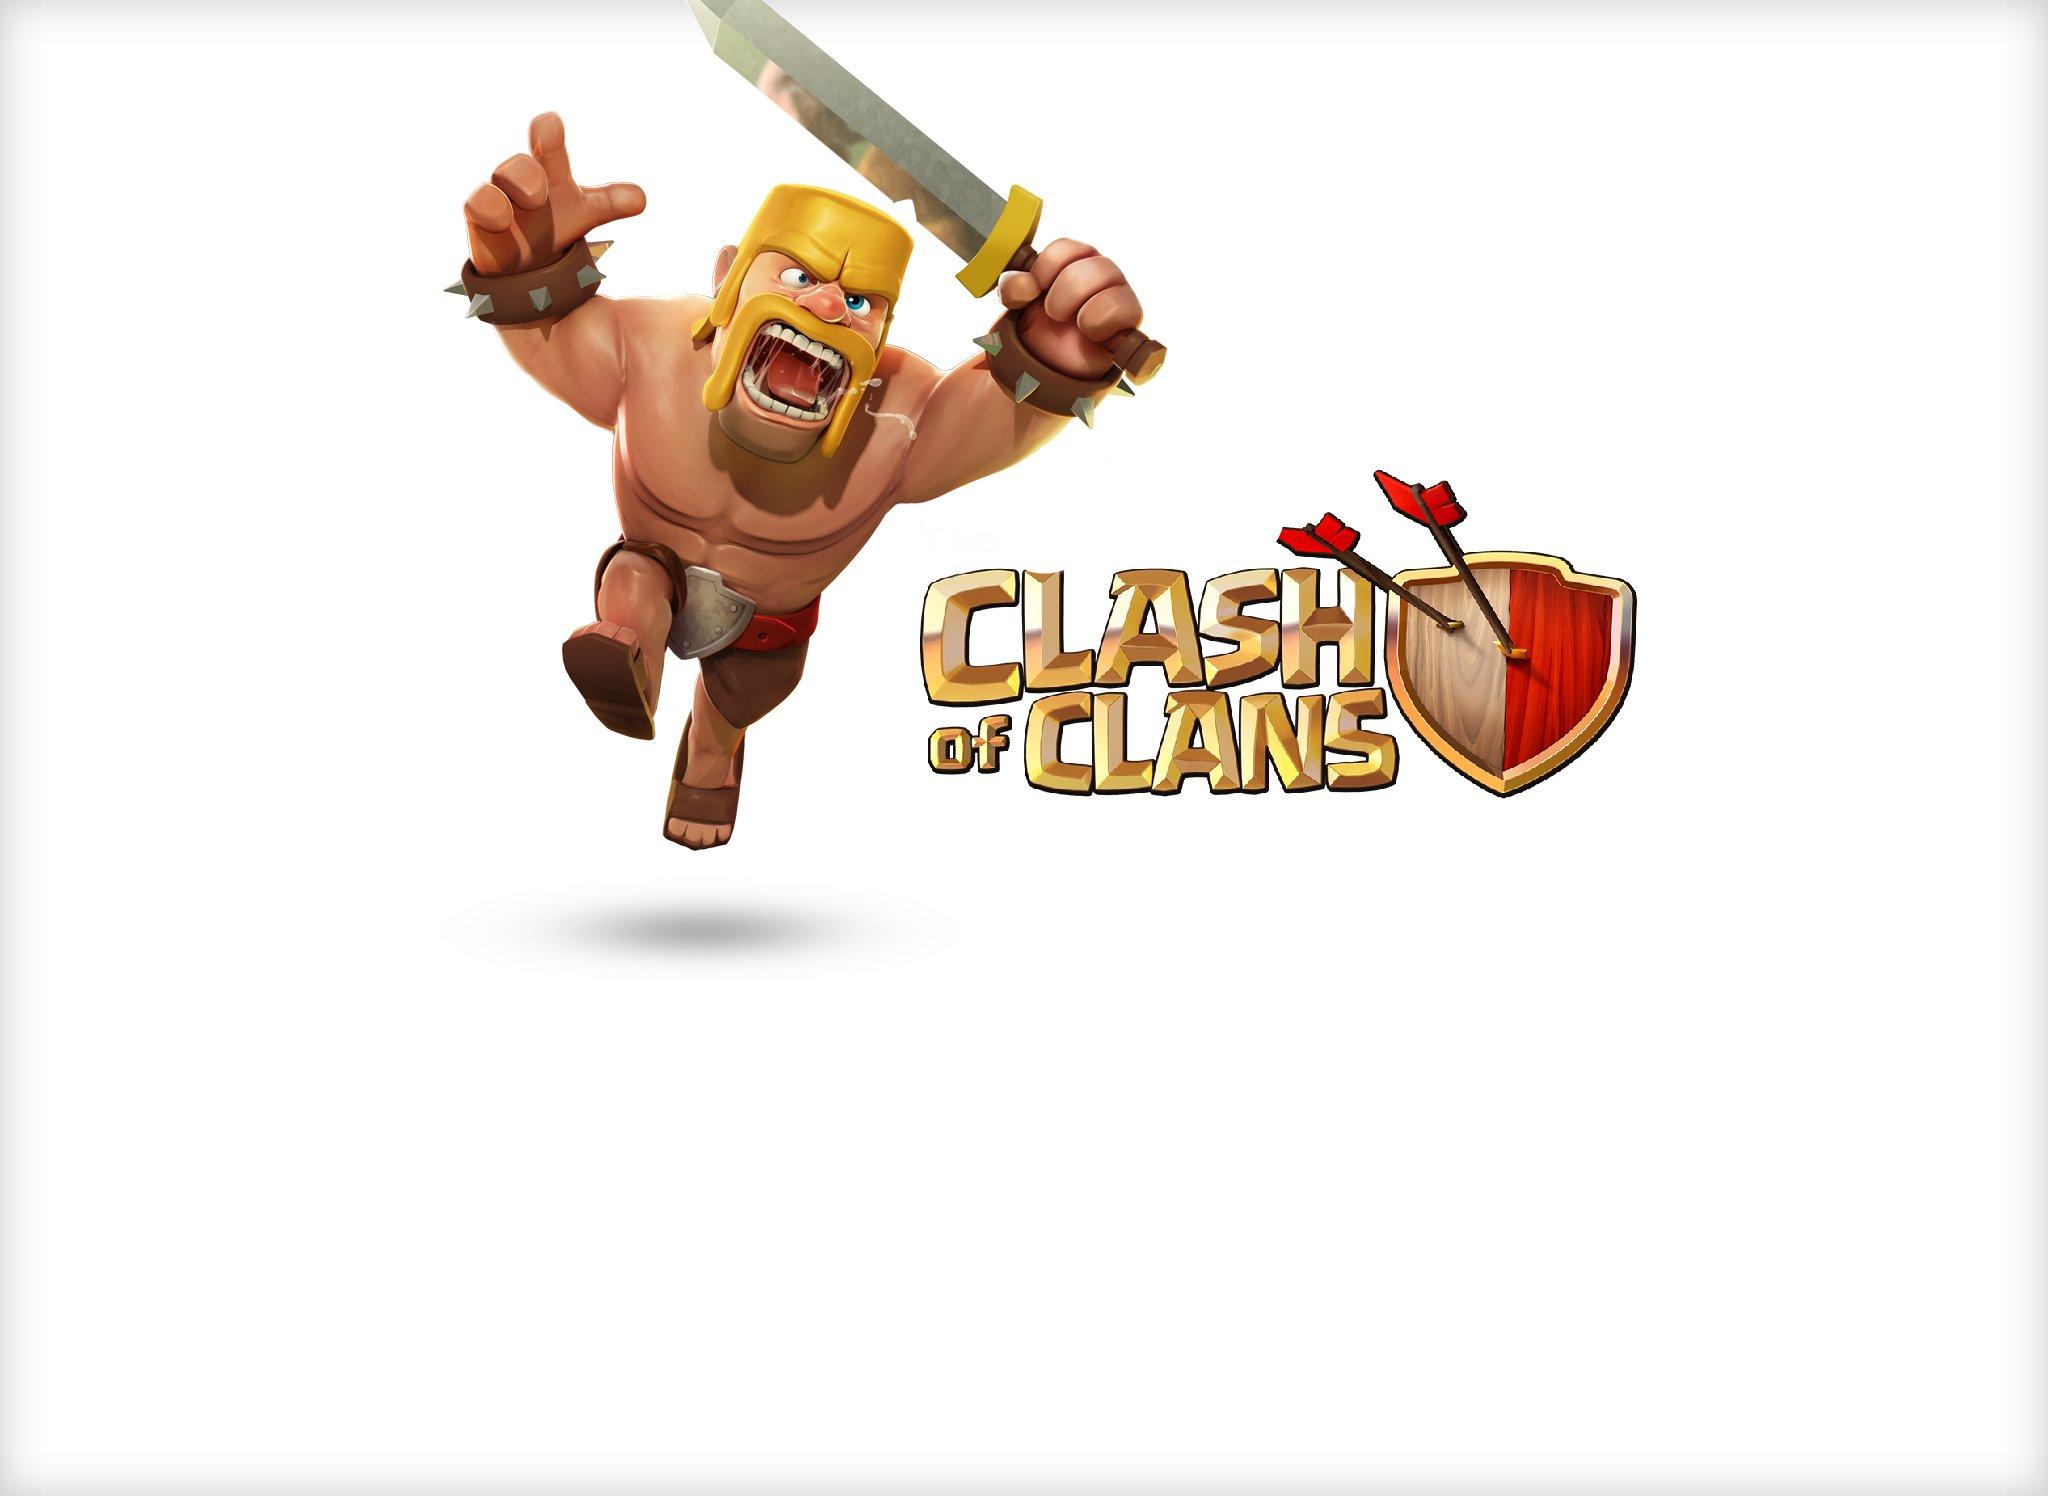 Clash of clans persuasive essay